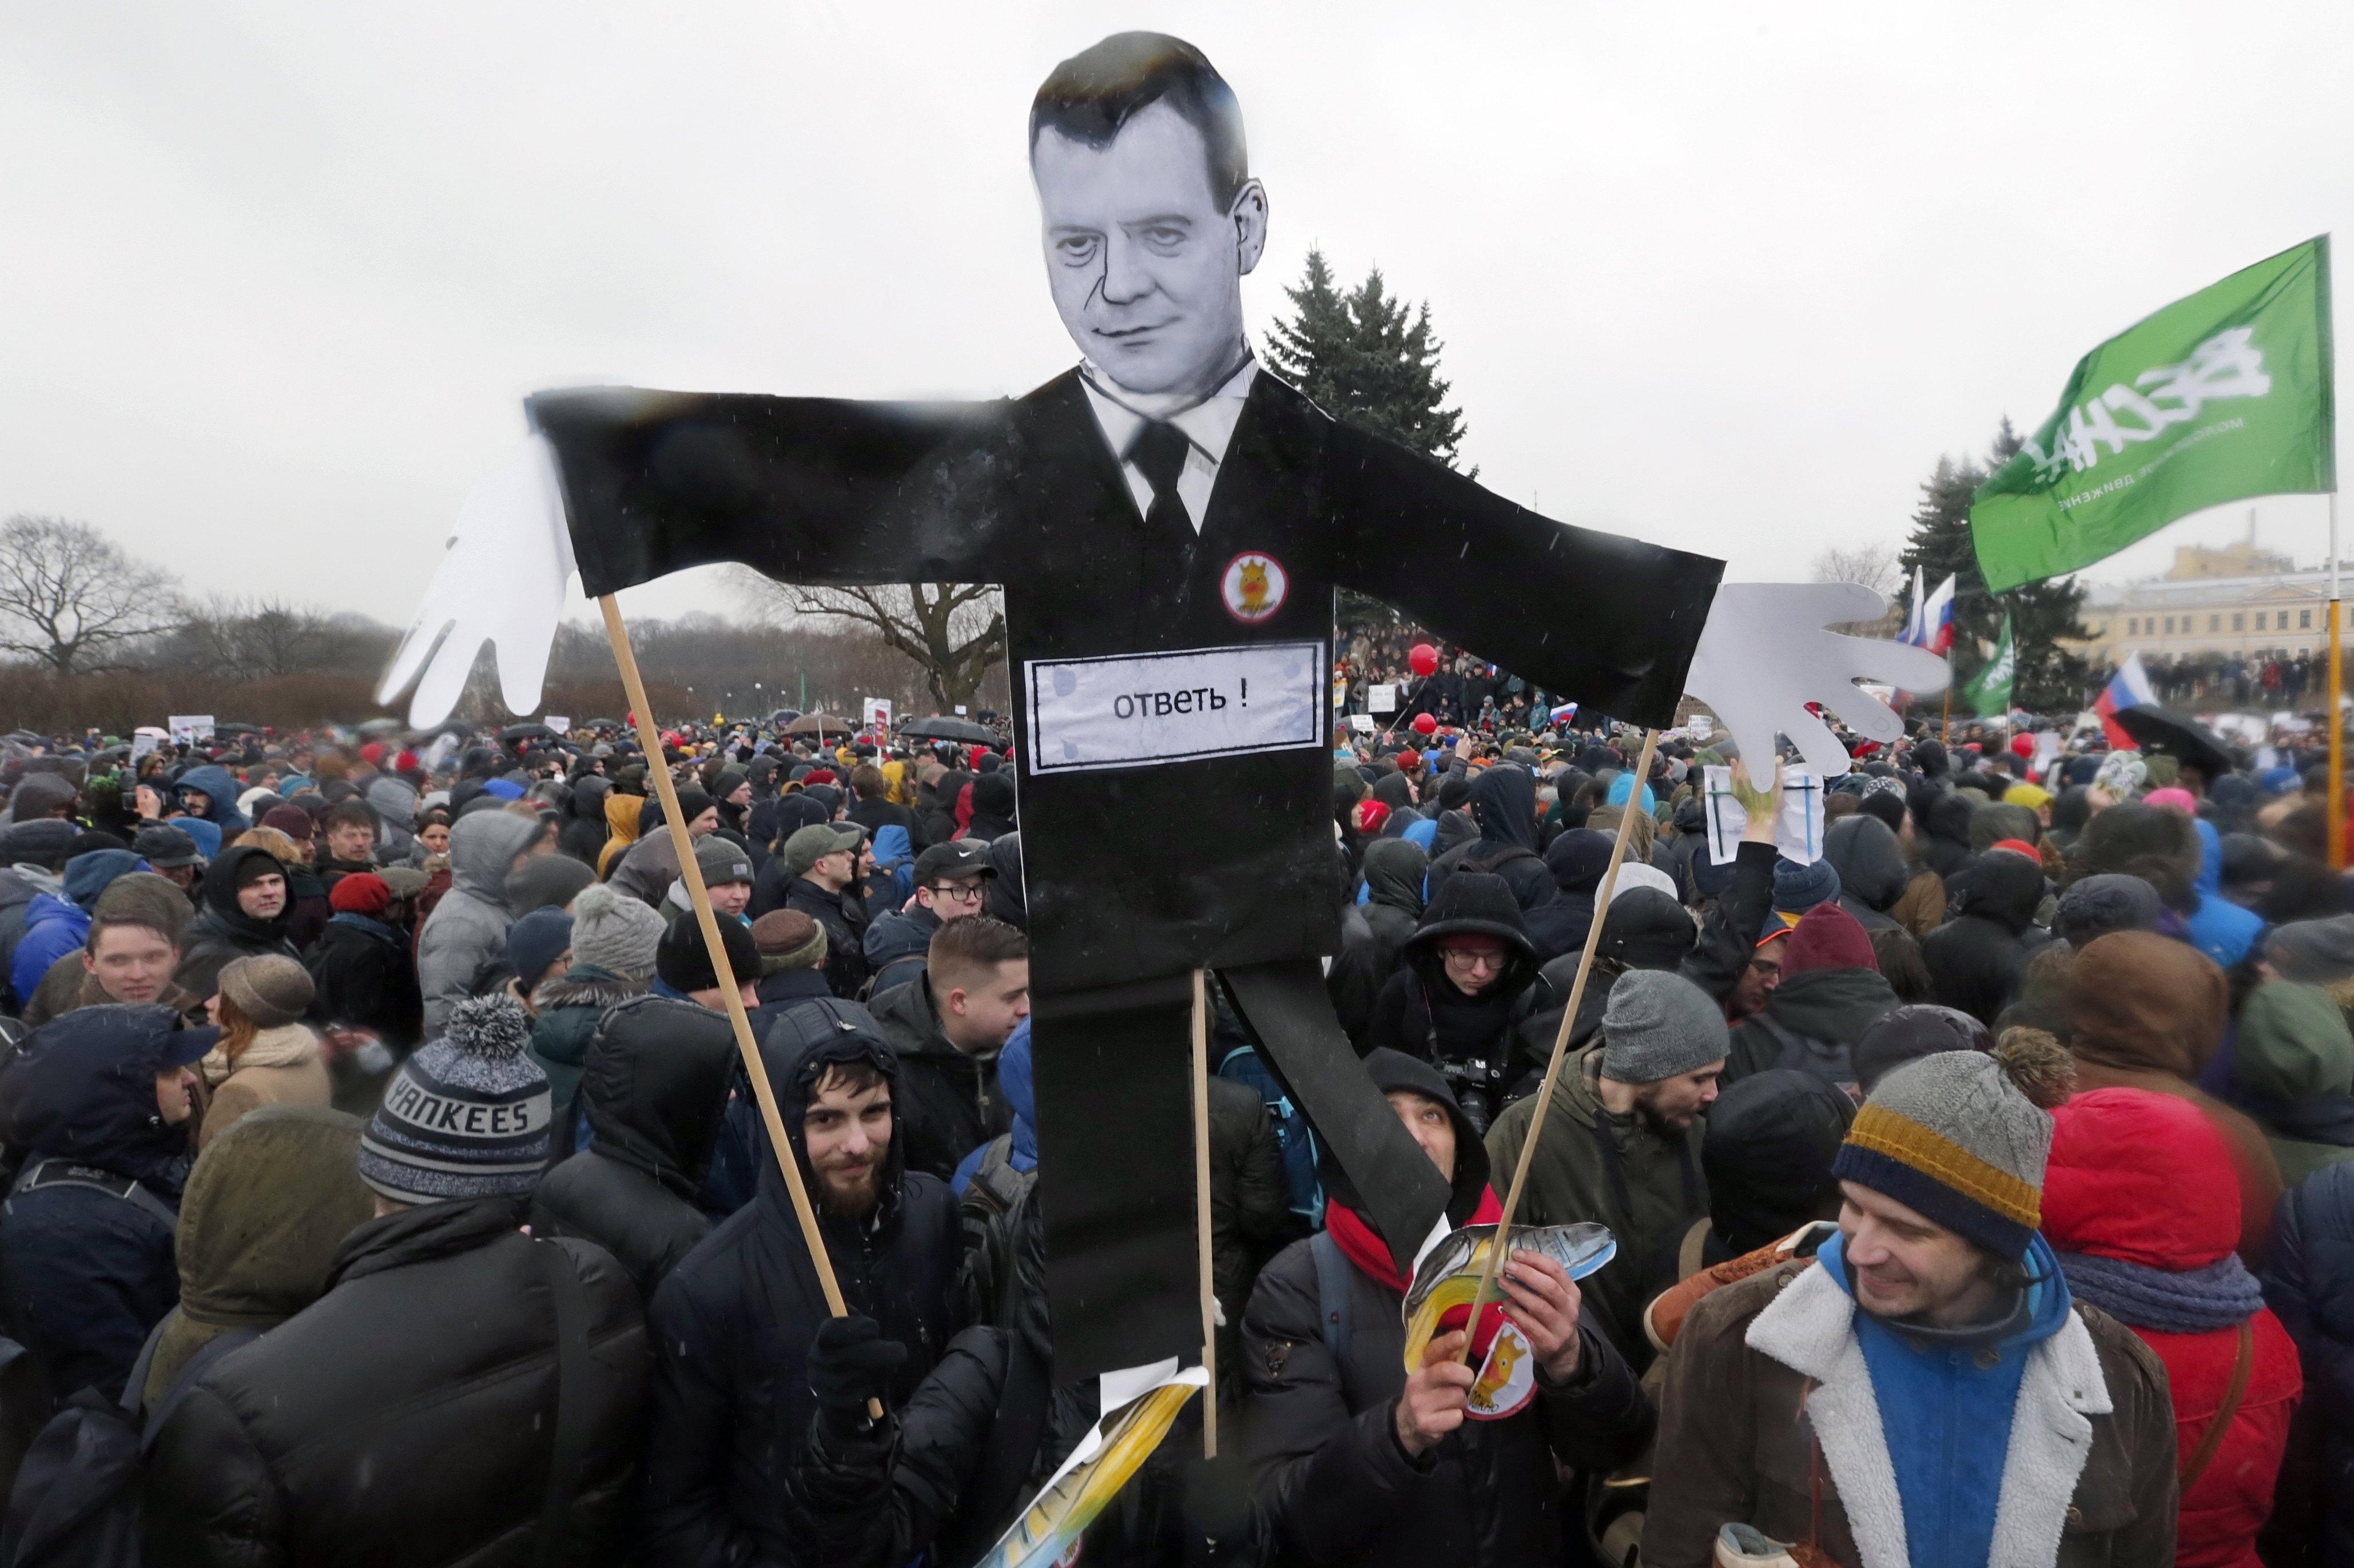 Attualmente proteste diretto dritto al primo ministro Maiweidefu, chiedendogli di dimettersi. (Novosti europea)